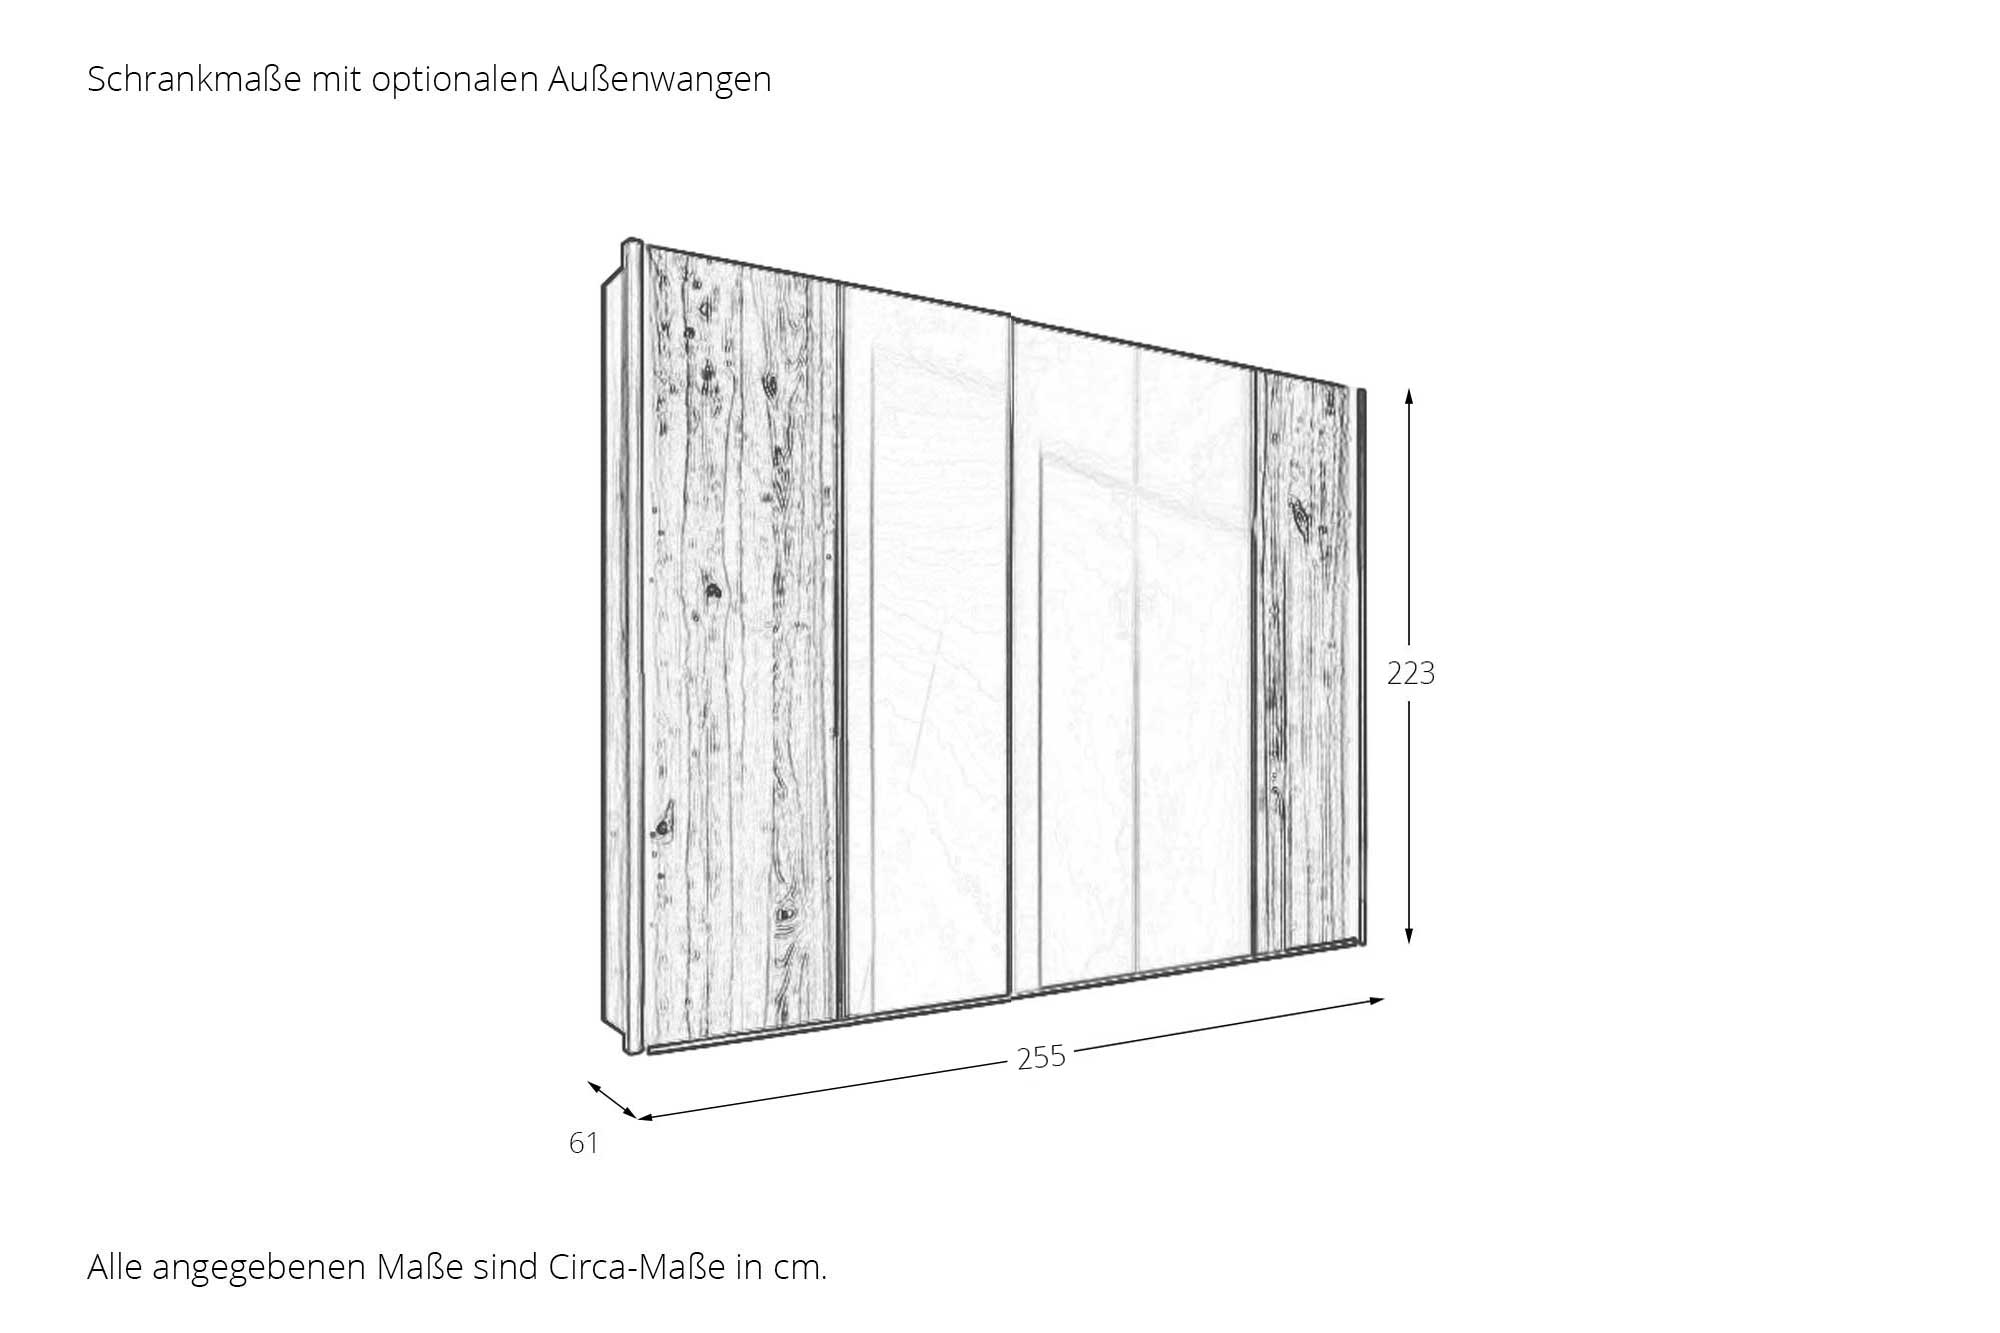 schlafraum m bel von thielemeyer cubo wildesche m bel letz ihr online shop. Black Bedroom Furniture Sets. Home Design Ideas